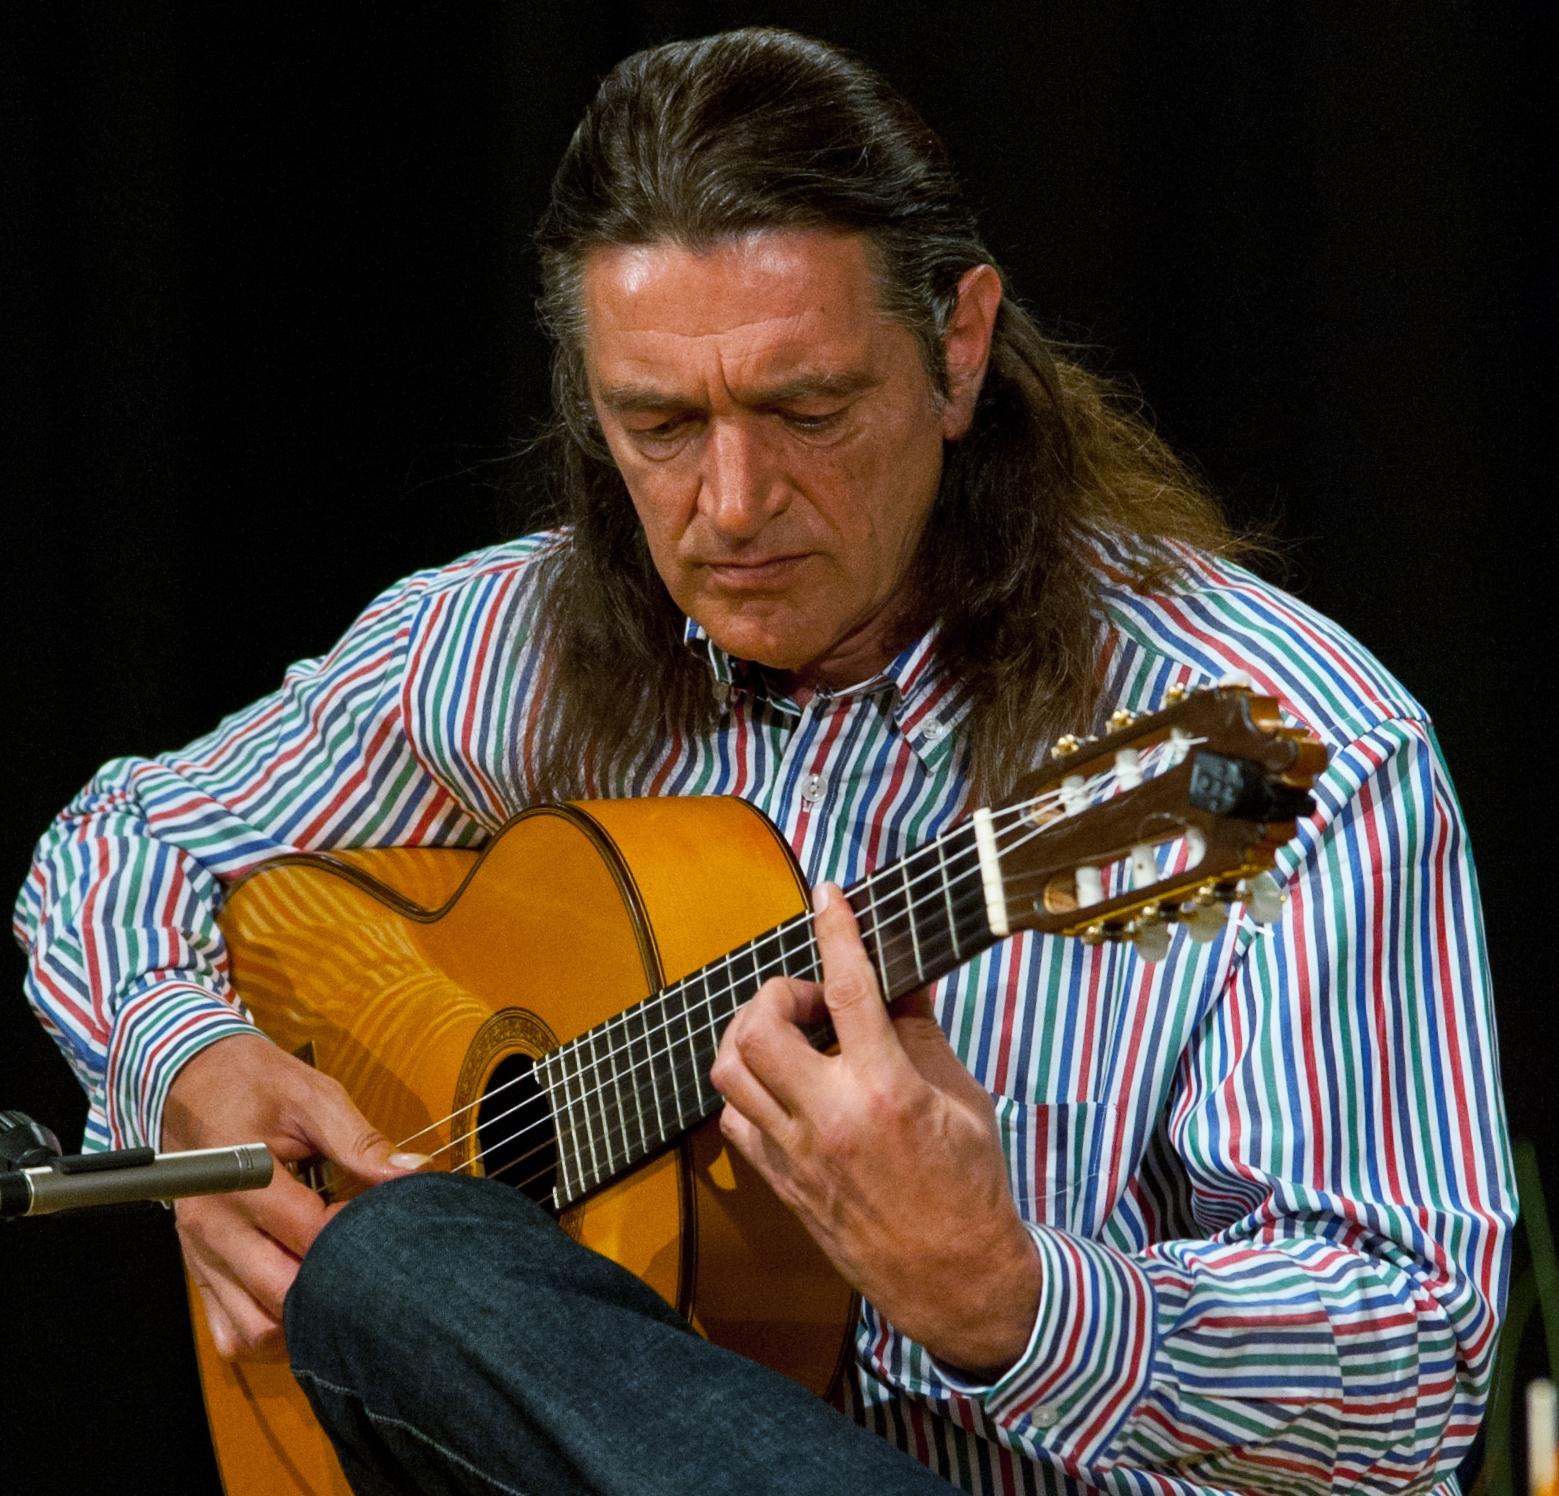 Walter Czeschka